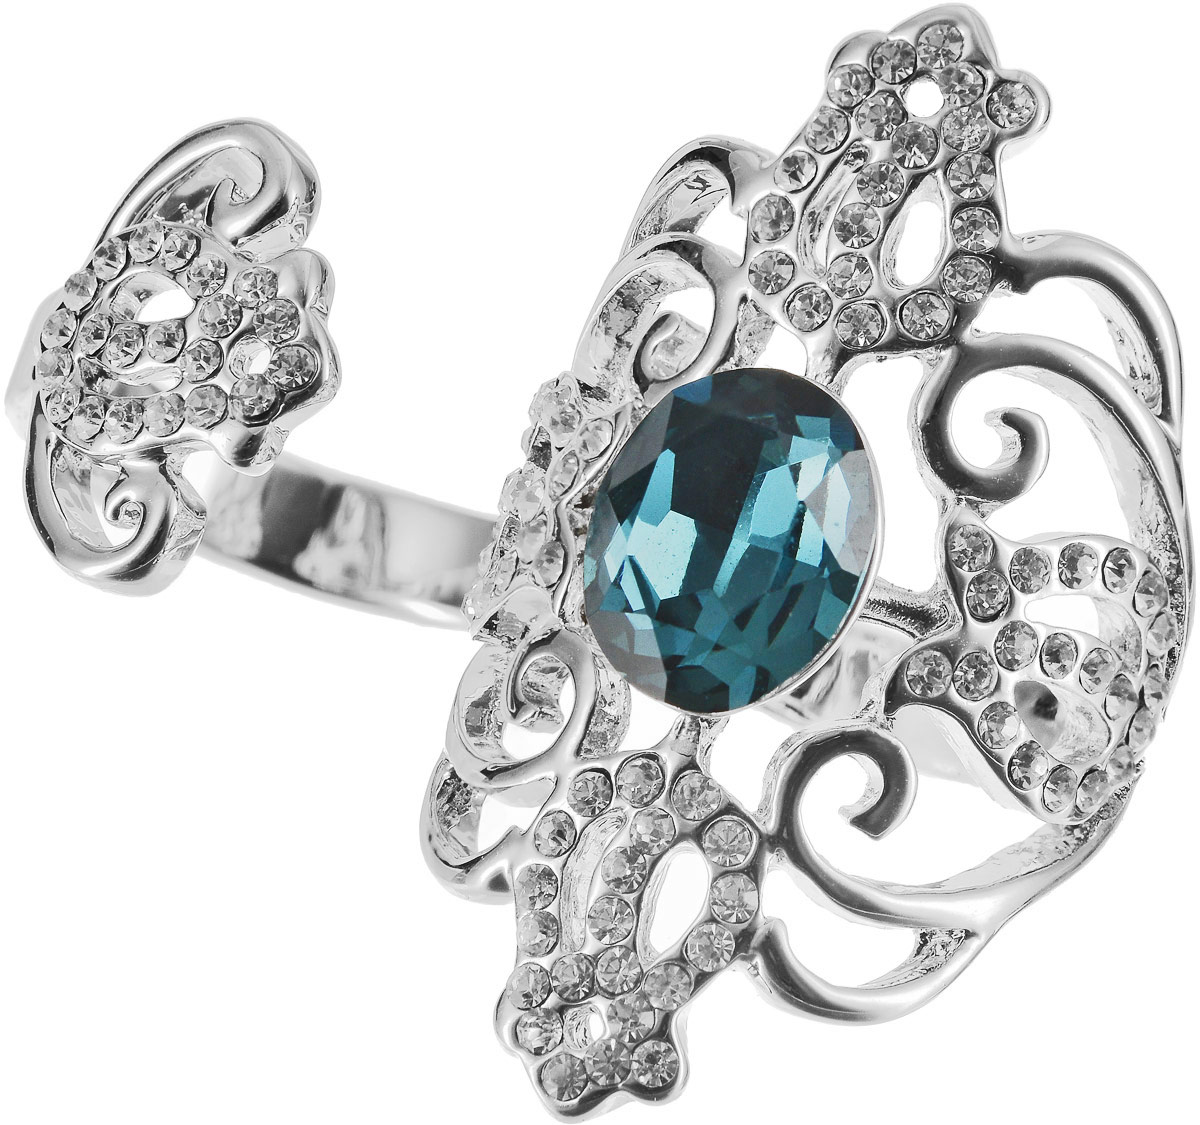 Кольцо на два пальца Art-Silver, цвет: серебряный, бирюзовый. 06816-1319. Размер 17 серьги art silver цвет серебряный 27958 577